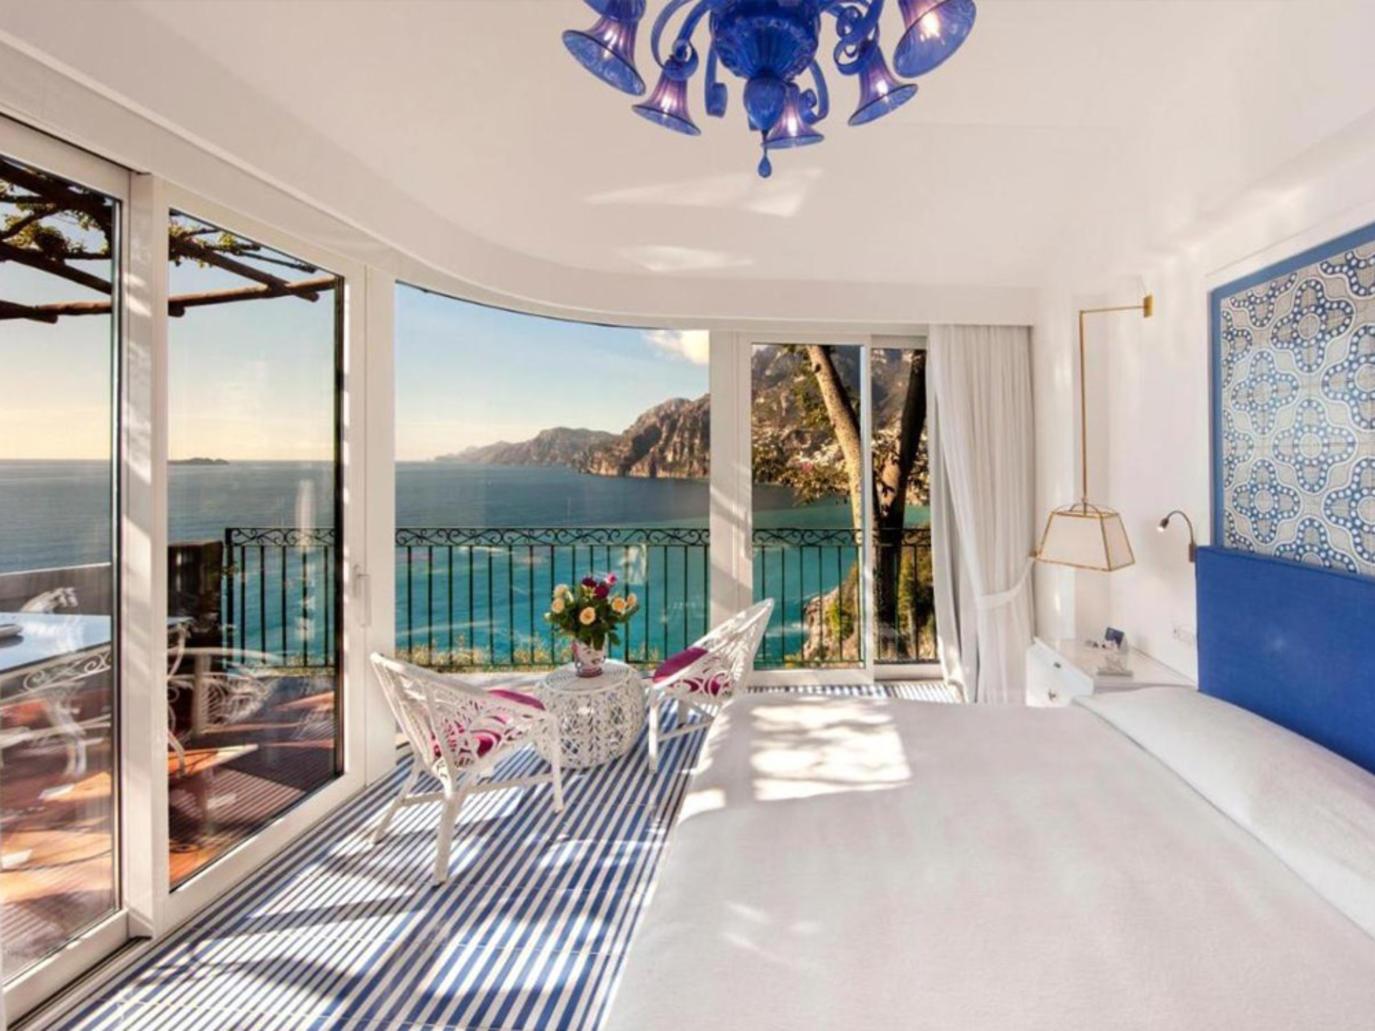 بالصور ..  تعرف على أفضل فنادق بوسيتانو لإقامة رومانسية جاذبة للأزواج